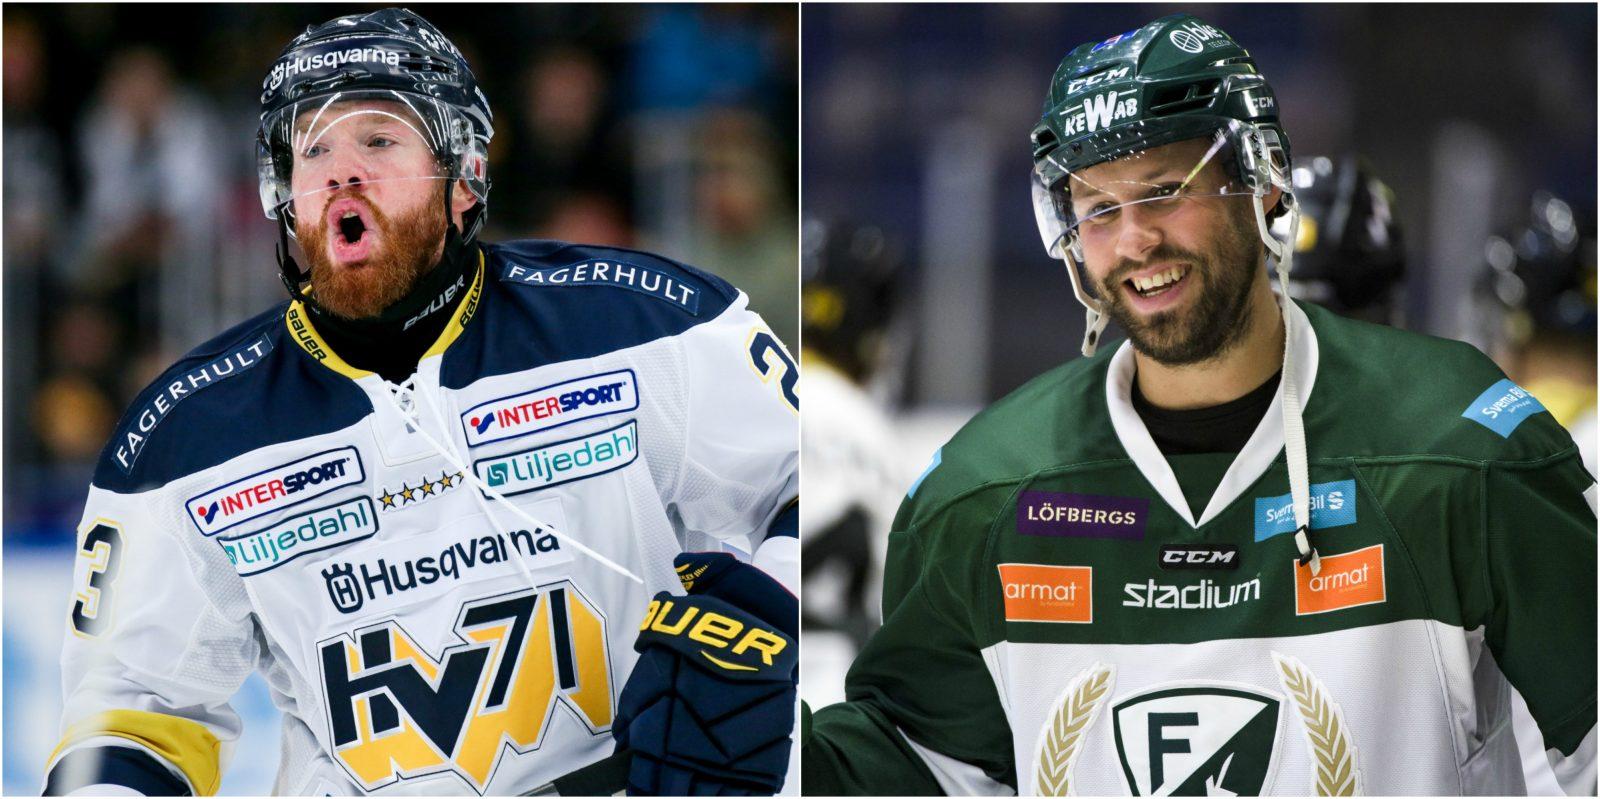 """Figren om matchen mot Axelsson: """"Kommer hålla på och käfta där ute"""""""